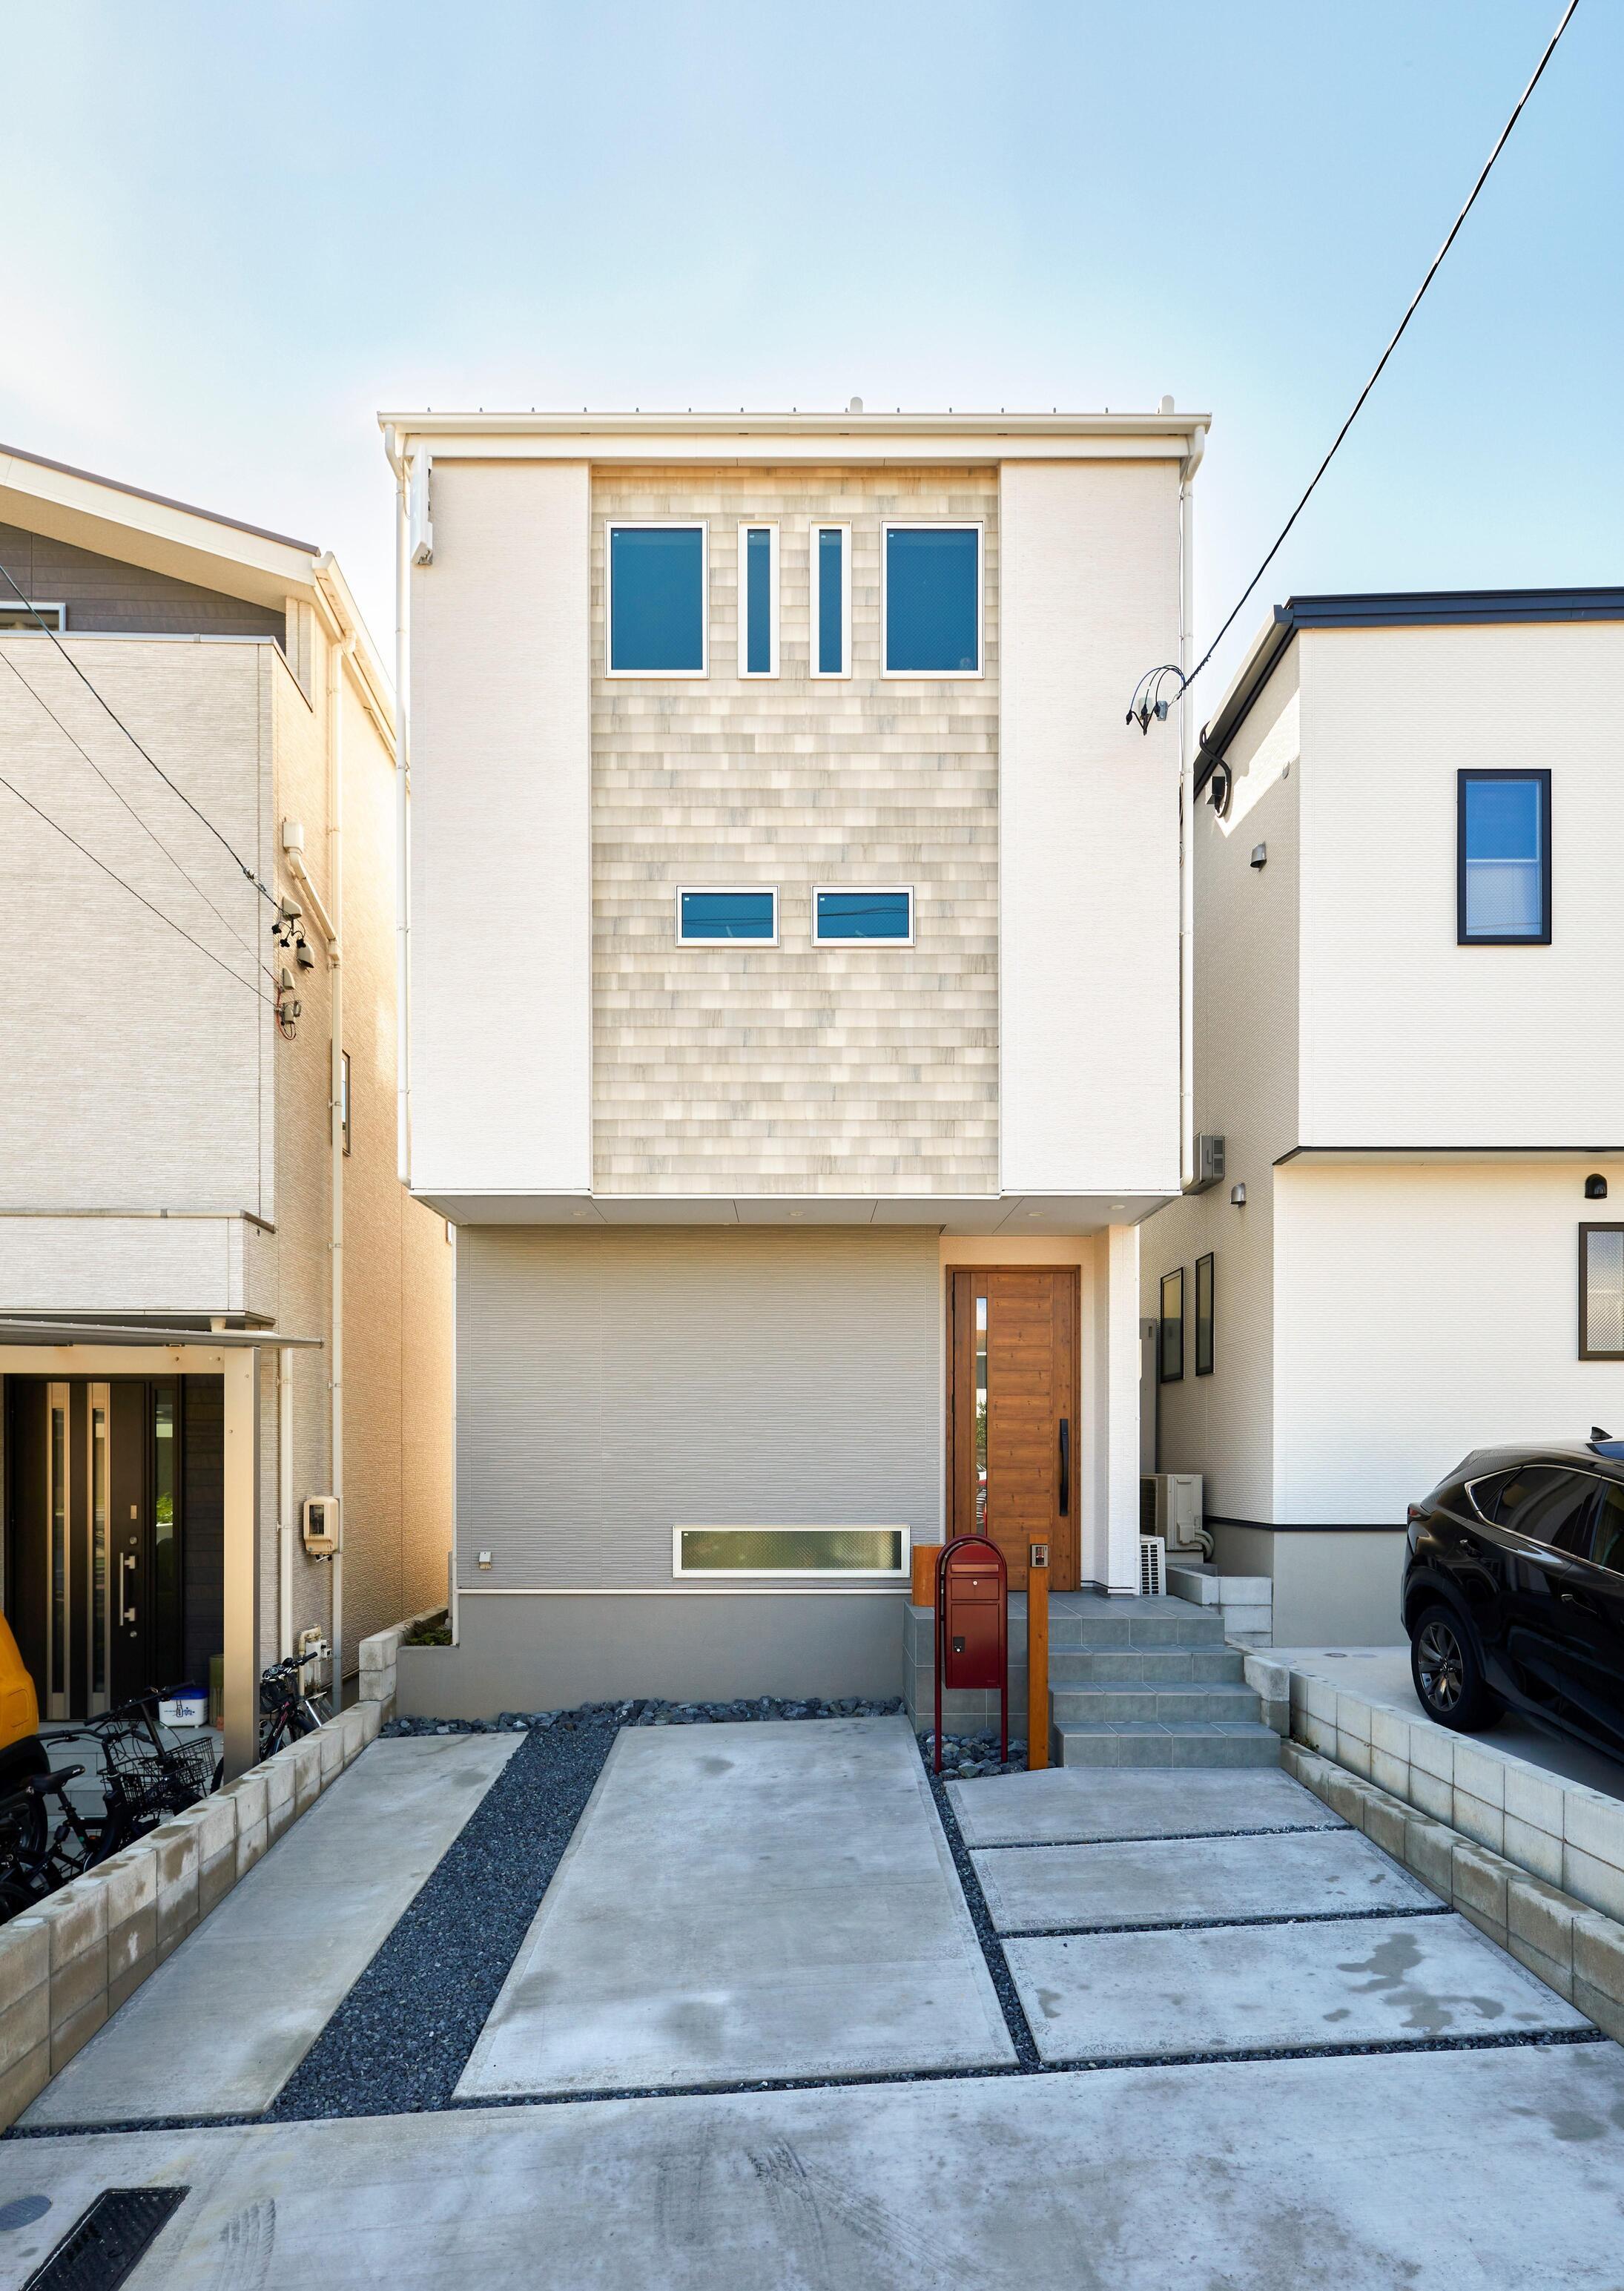 中三階や屋上、開放的な吹抜けを設計した、多階層なお住まい